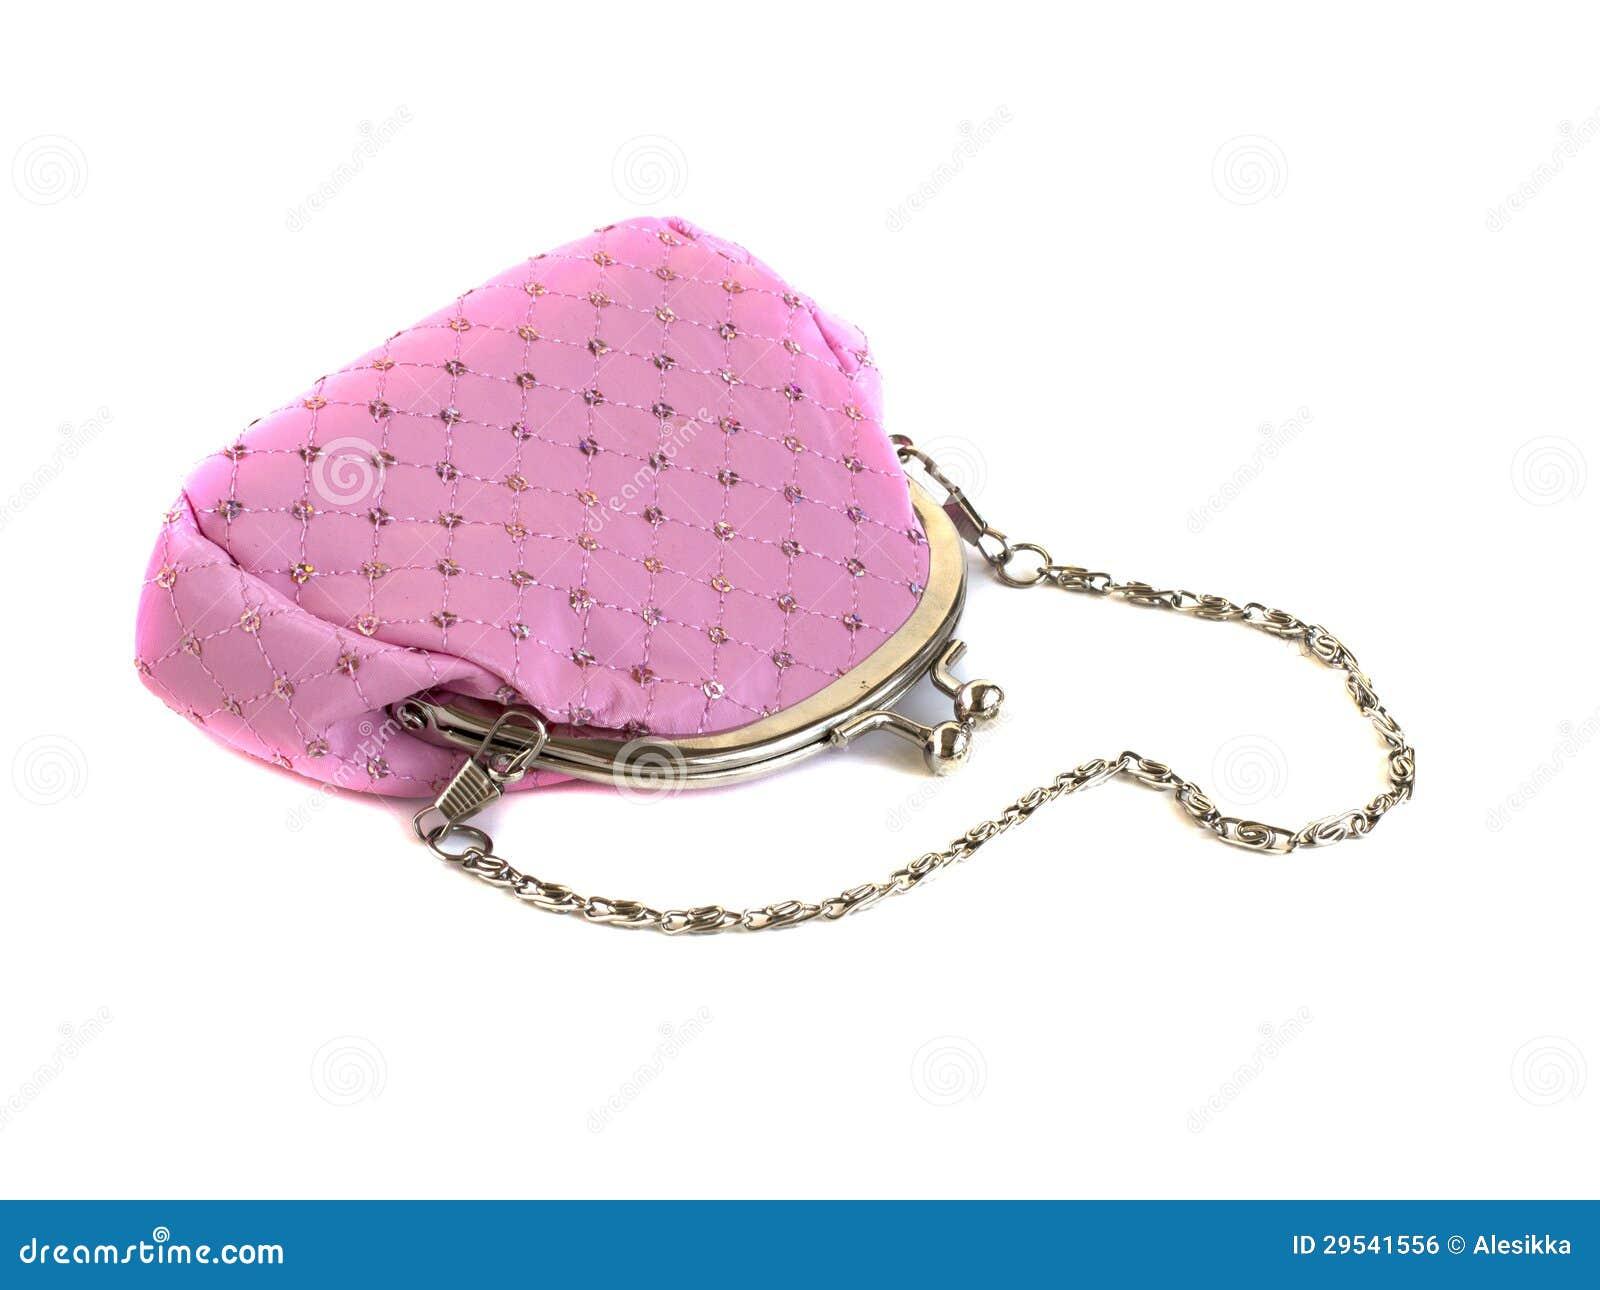 Bolsa cor-de-rosa com corrente